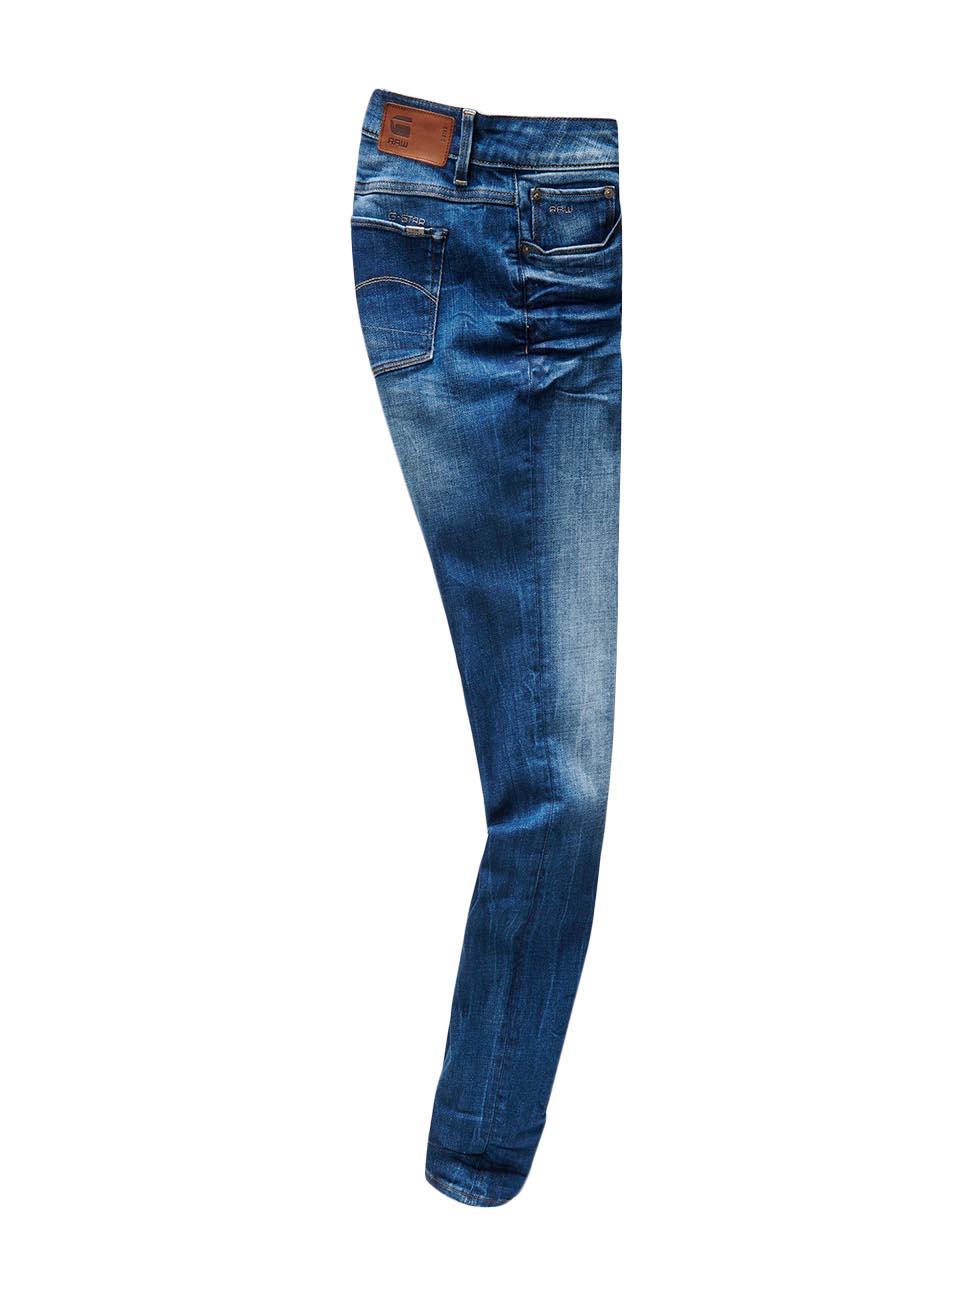 g star damen jeans 3301 contour high waist skinny fit. Black Bedroom Furniture Sets. Home Design Ideas